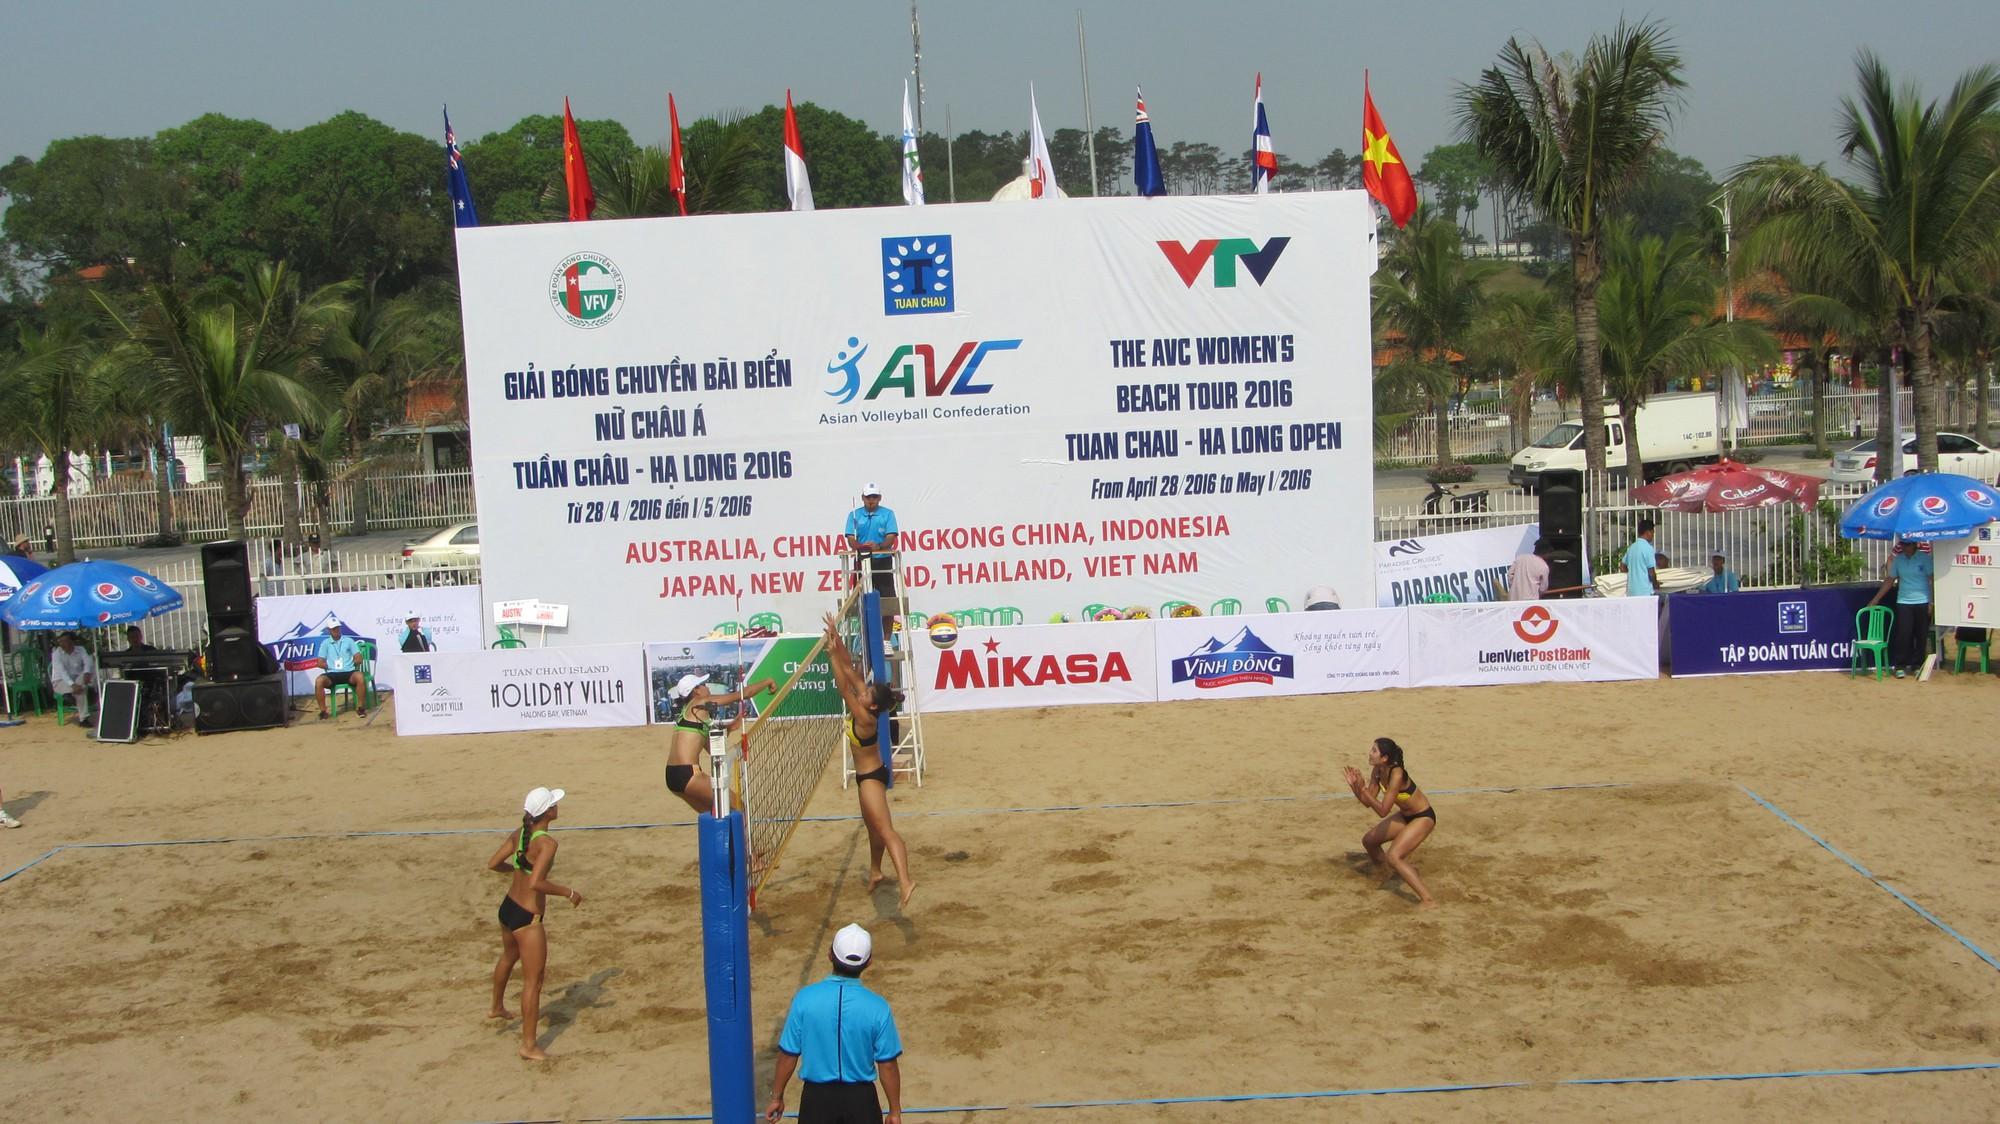 Ngày thi đấu đầu tiên của giải Bóng chuyền bãi biển nữ châu Á 2016. Ảnh: Internet